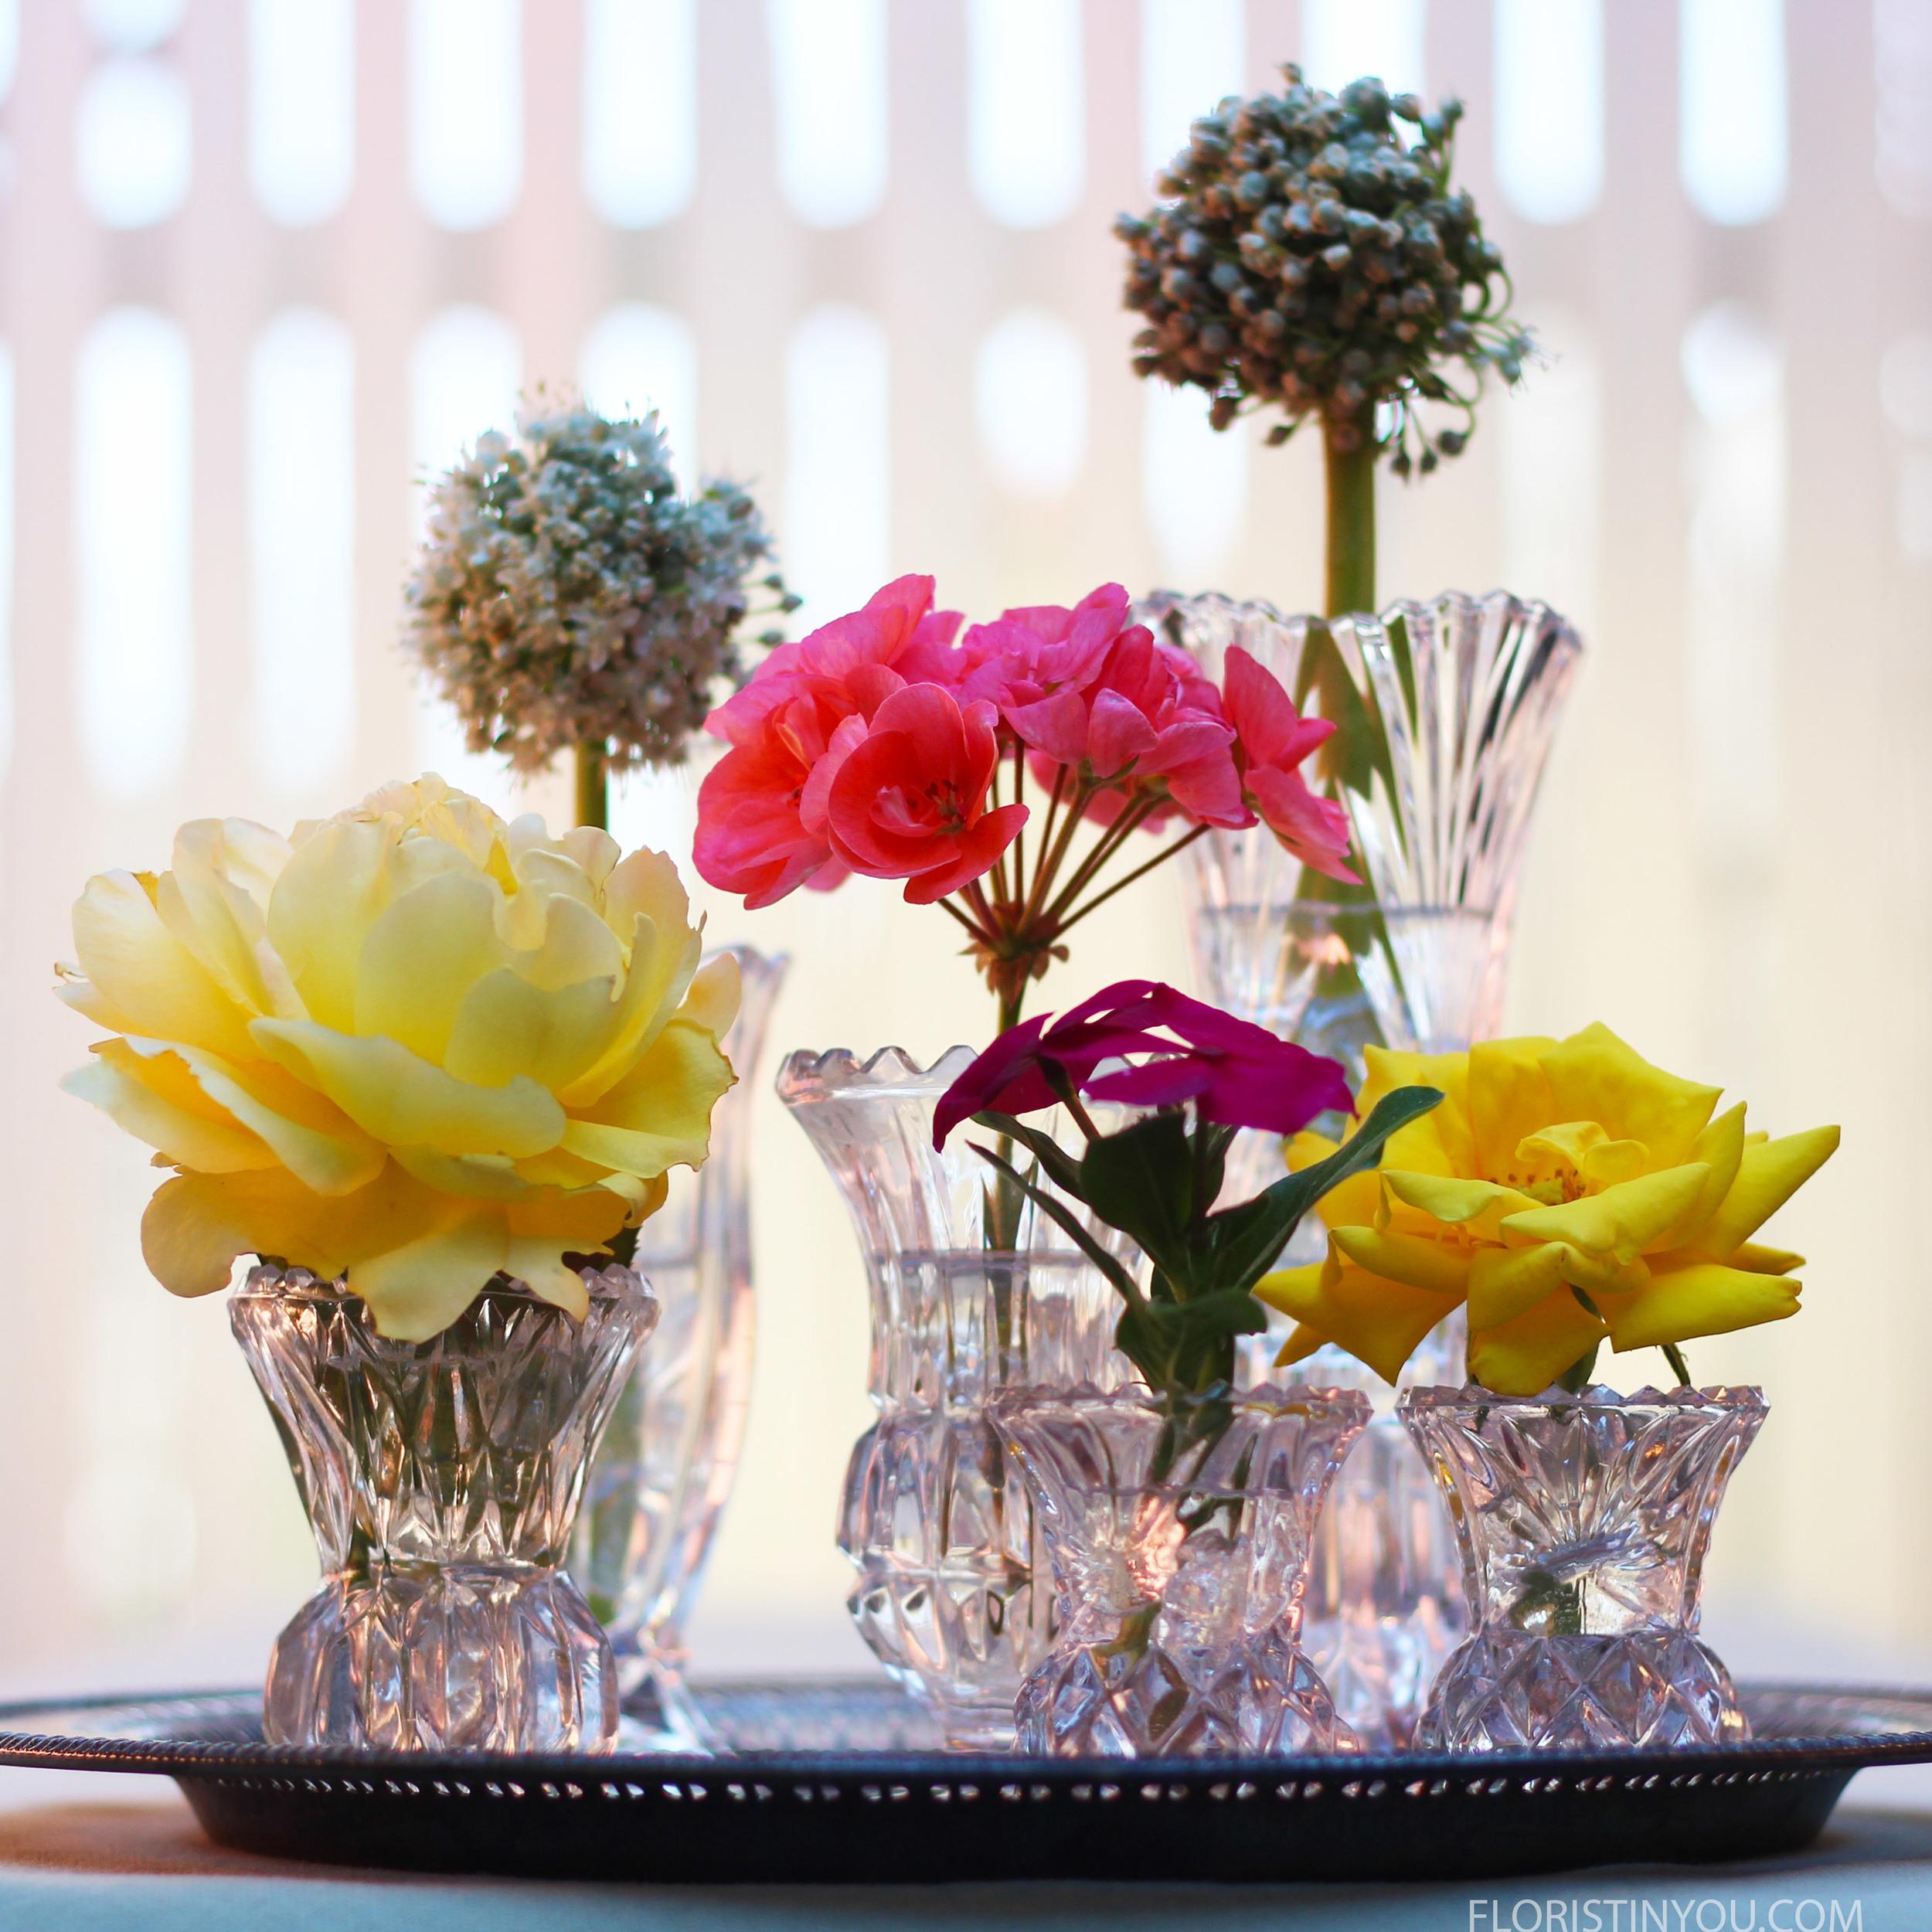 Crystal Bud Vase Arrangement